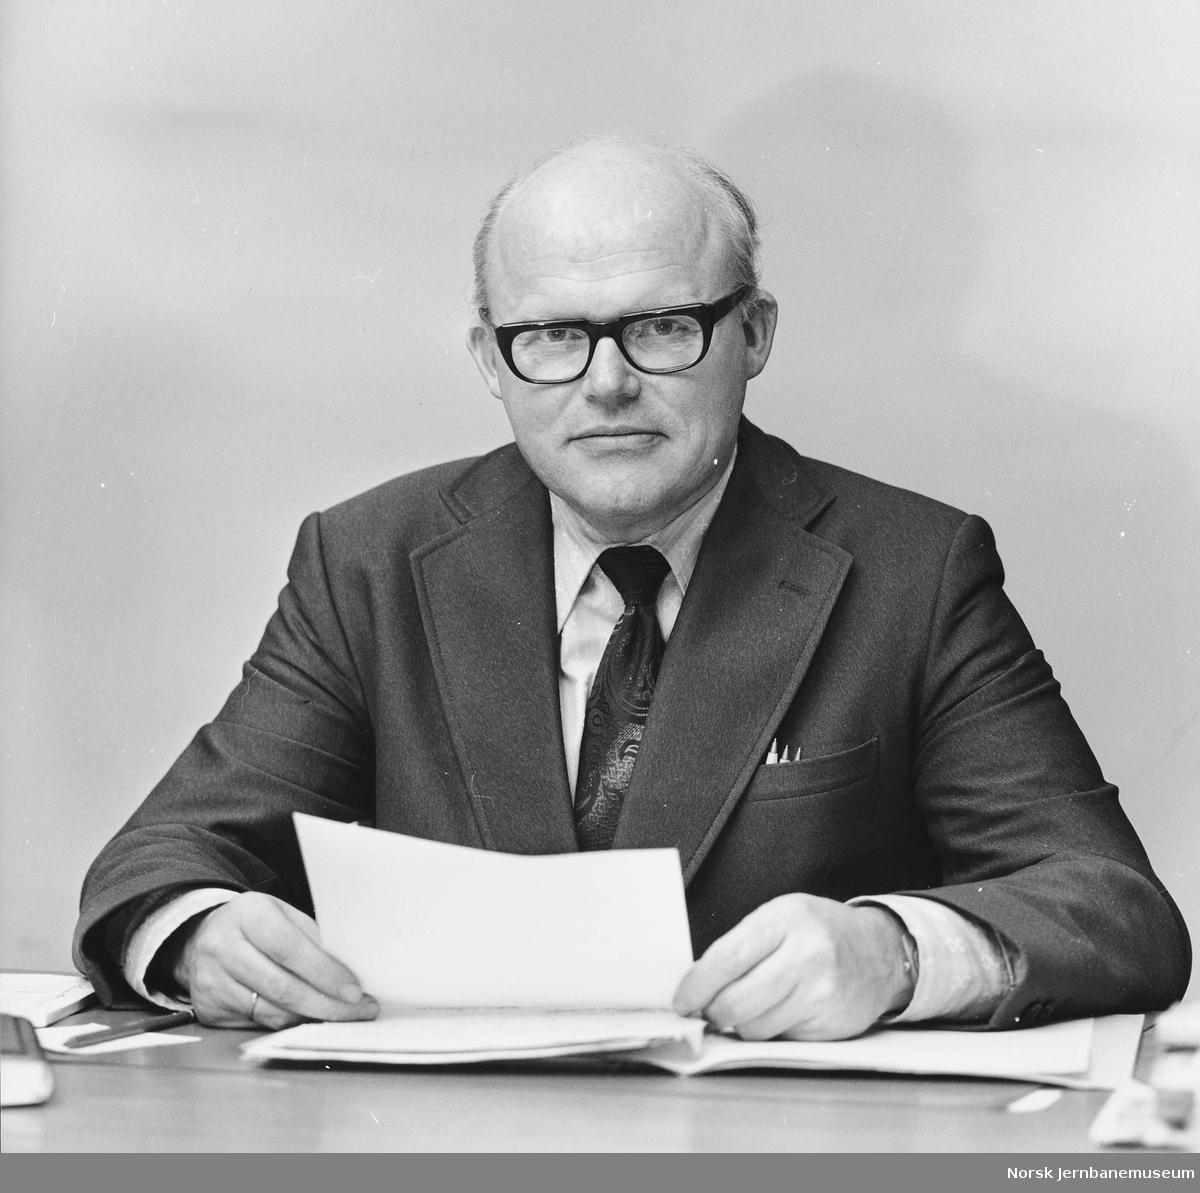 Portrett av jernbanedirektør Knut Skuland